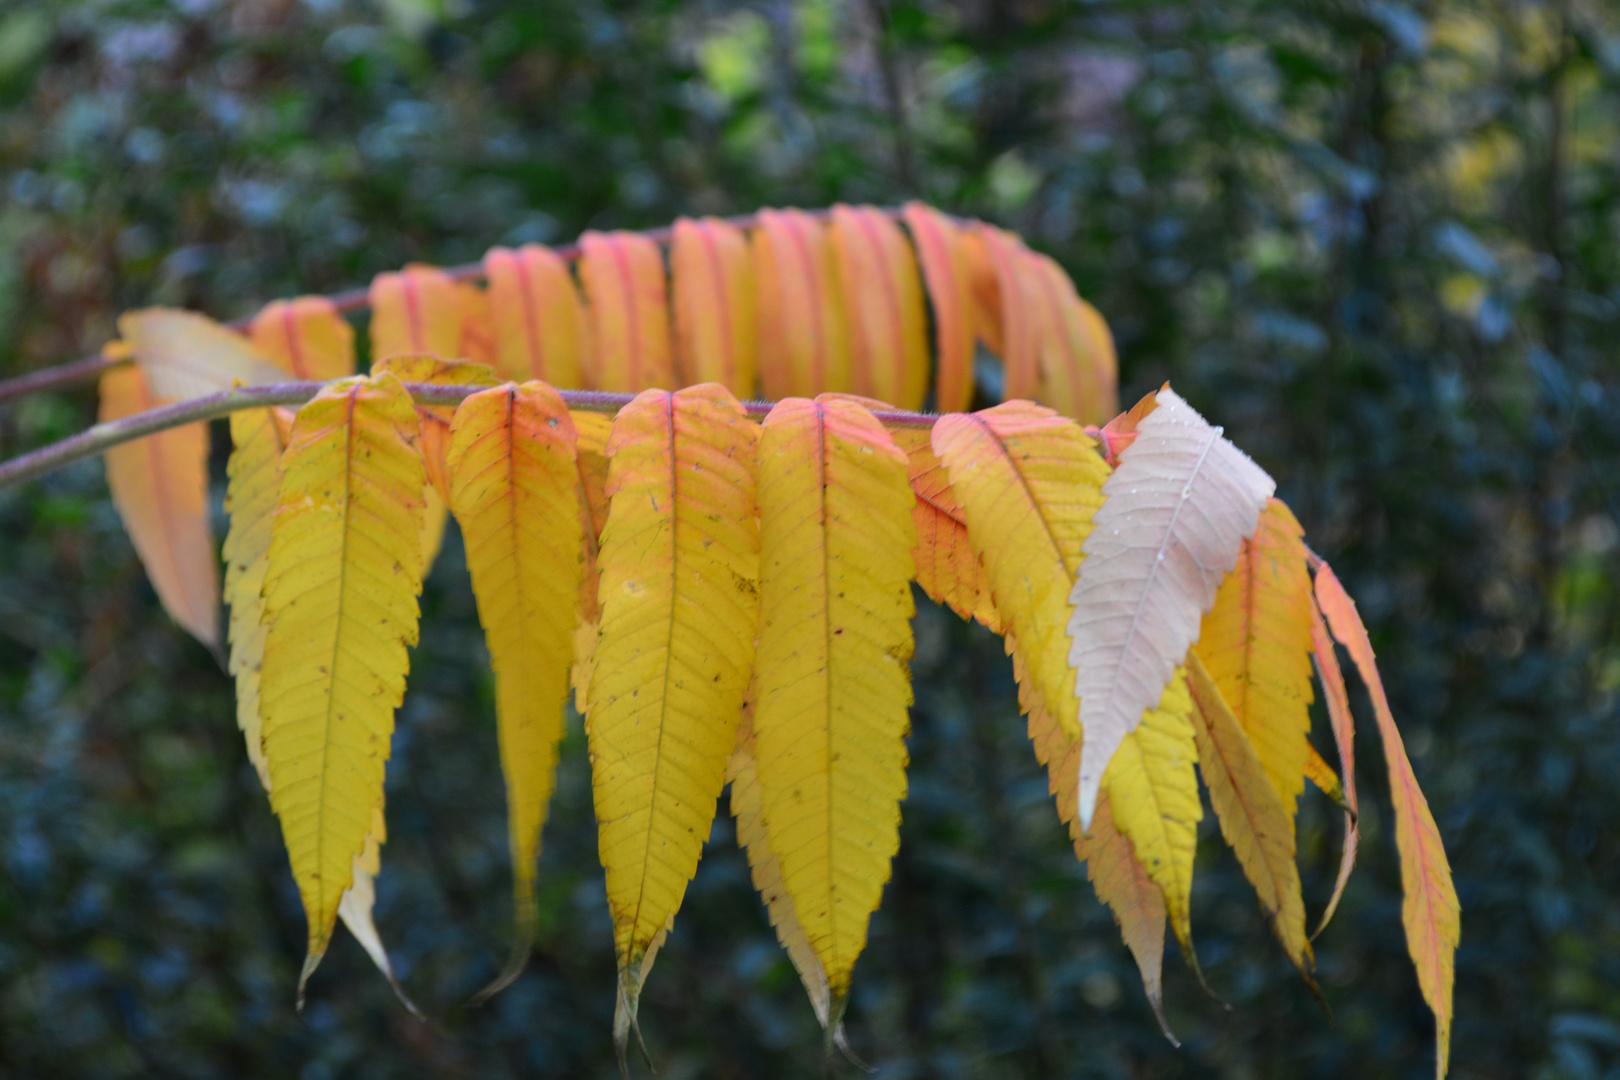 Essigbaumblätter